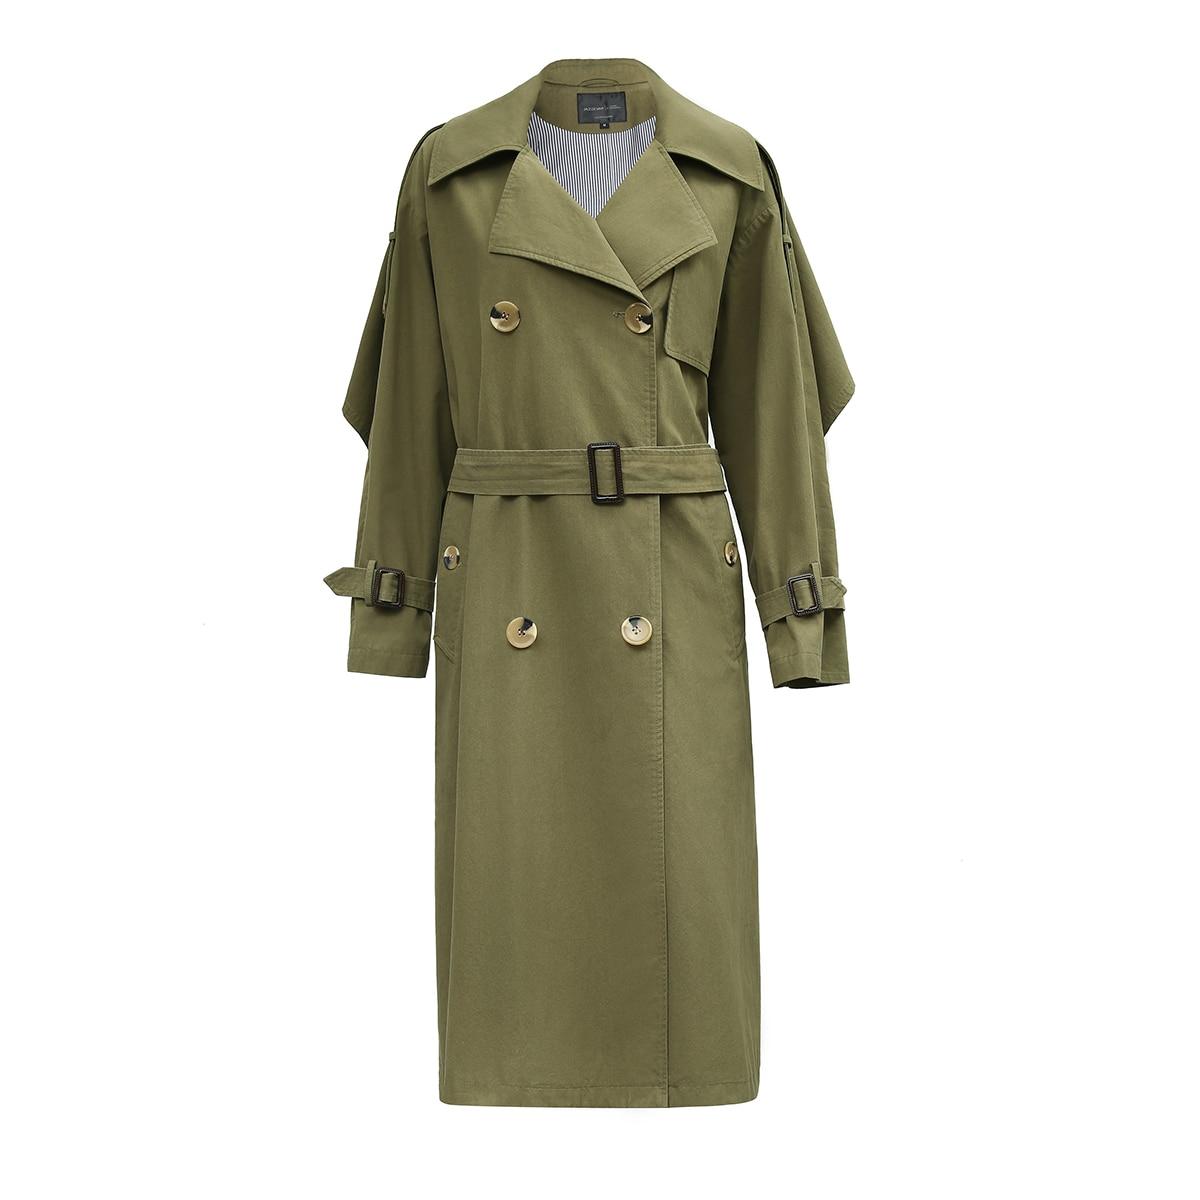 Green 2018 Volants Manteaux Mode Army Haute Casual Nouveau Lâche kaki Jazzevar Trench Automne X Femmes Coton Lavé Vêtements Qualité long JlTK1Fc3